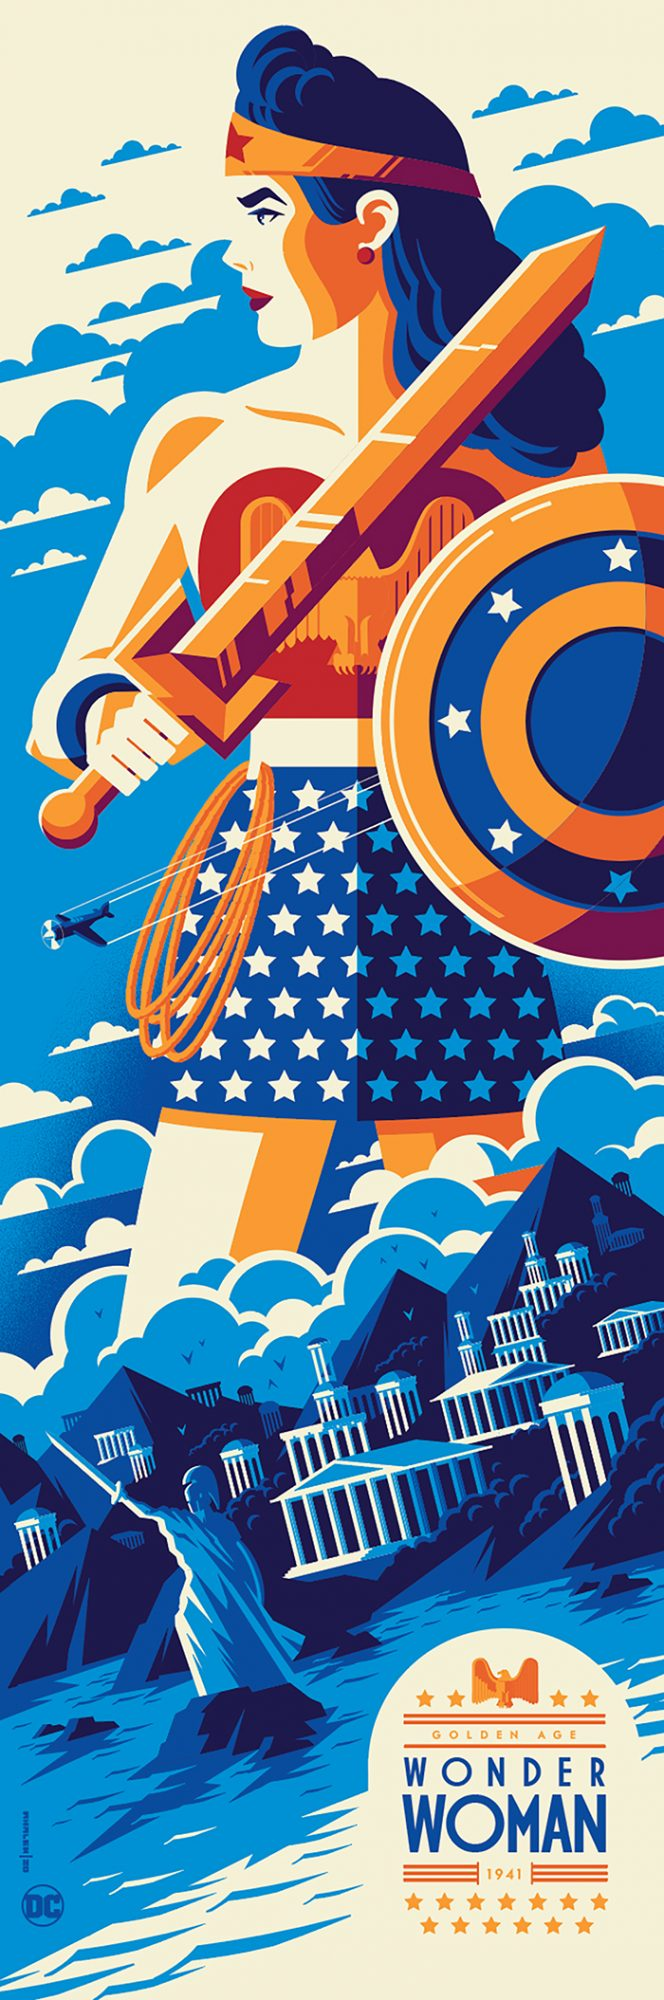 Golden Age: Wonder Woman - Tom Whalen